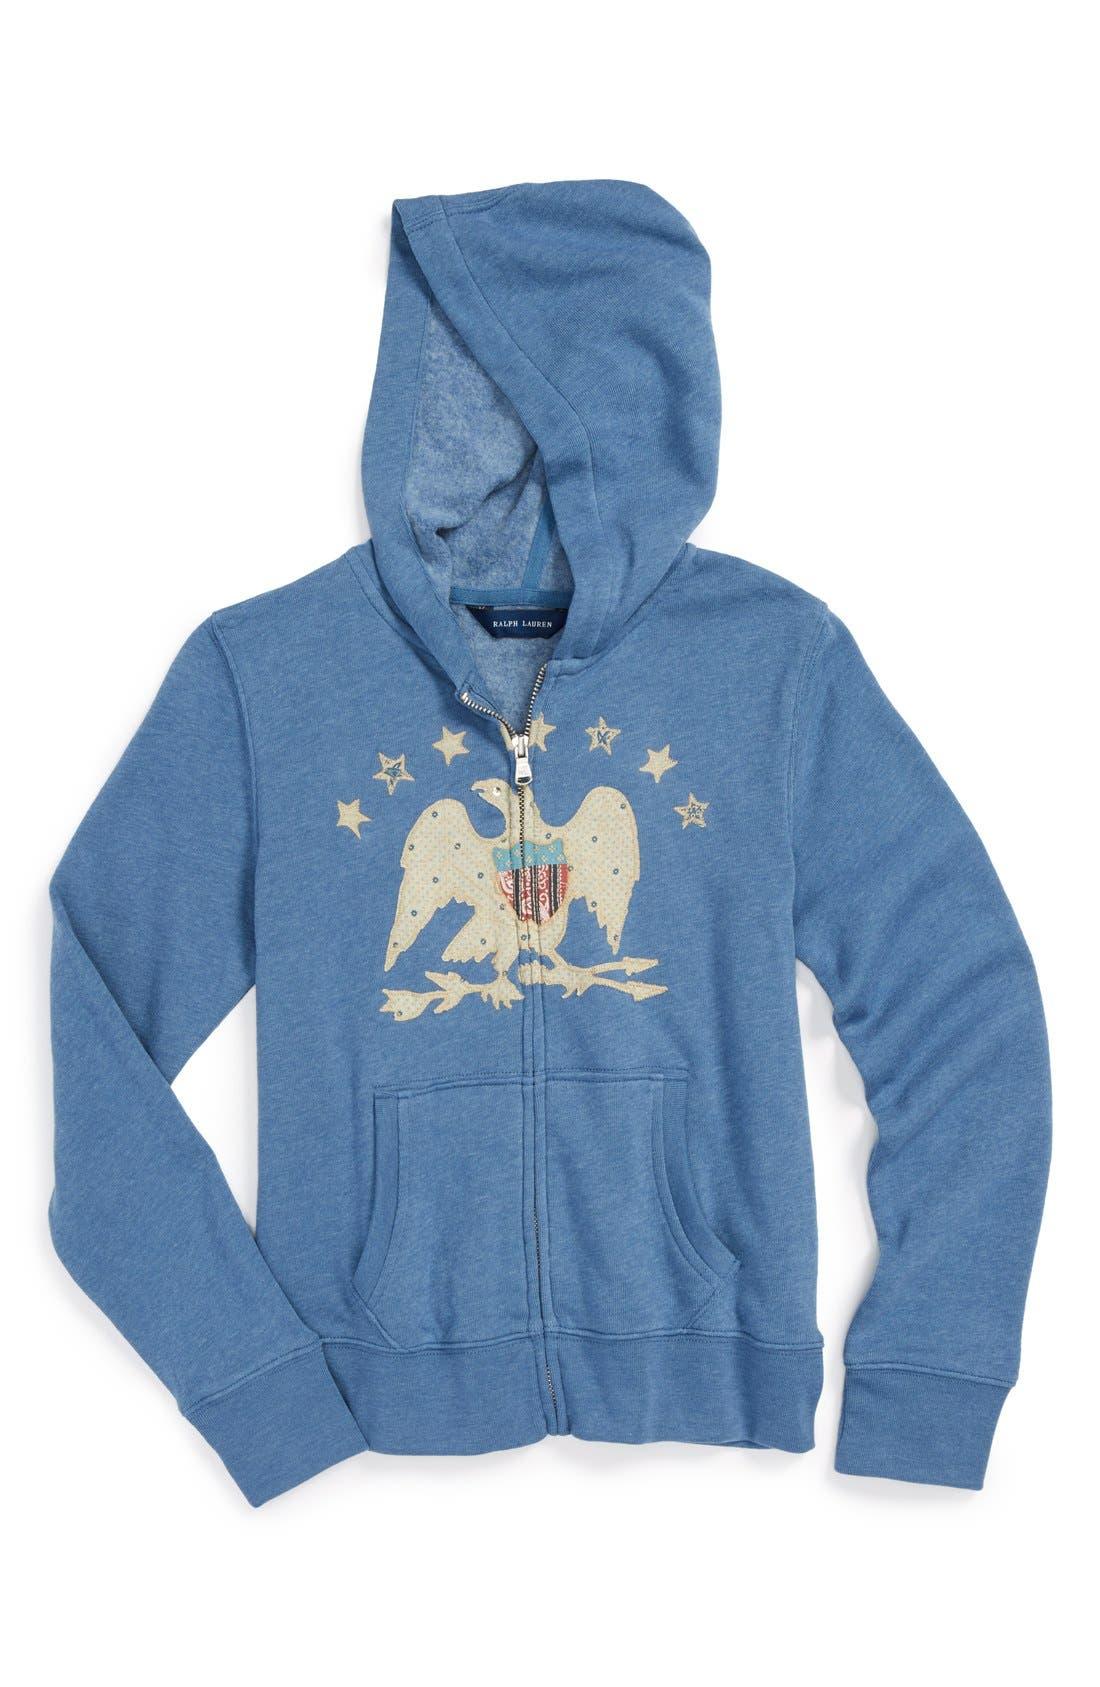 Alternate Image 1 Selected - Ralph Lauren Zip Up Fleece Hoodie (Big Girls)